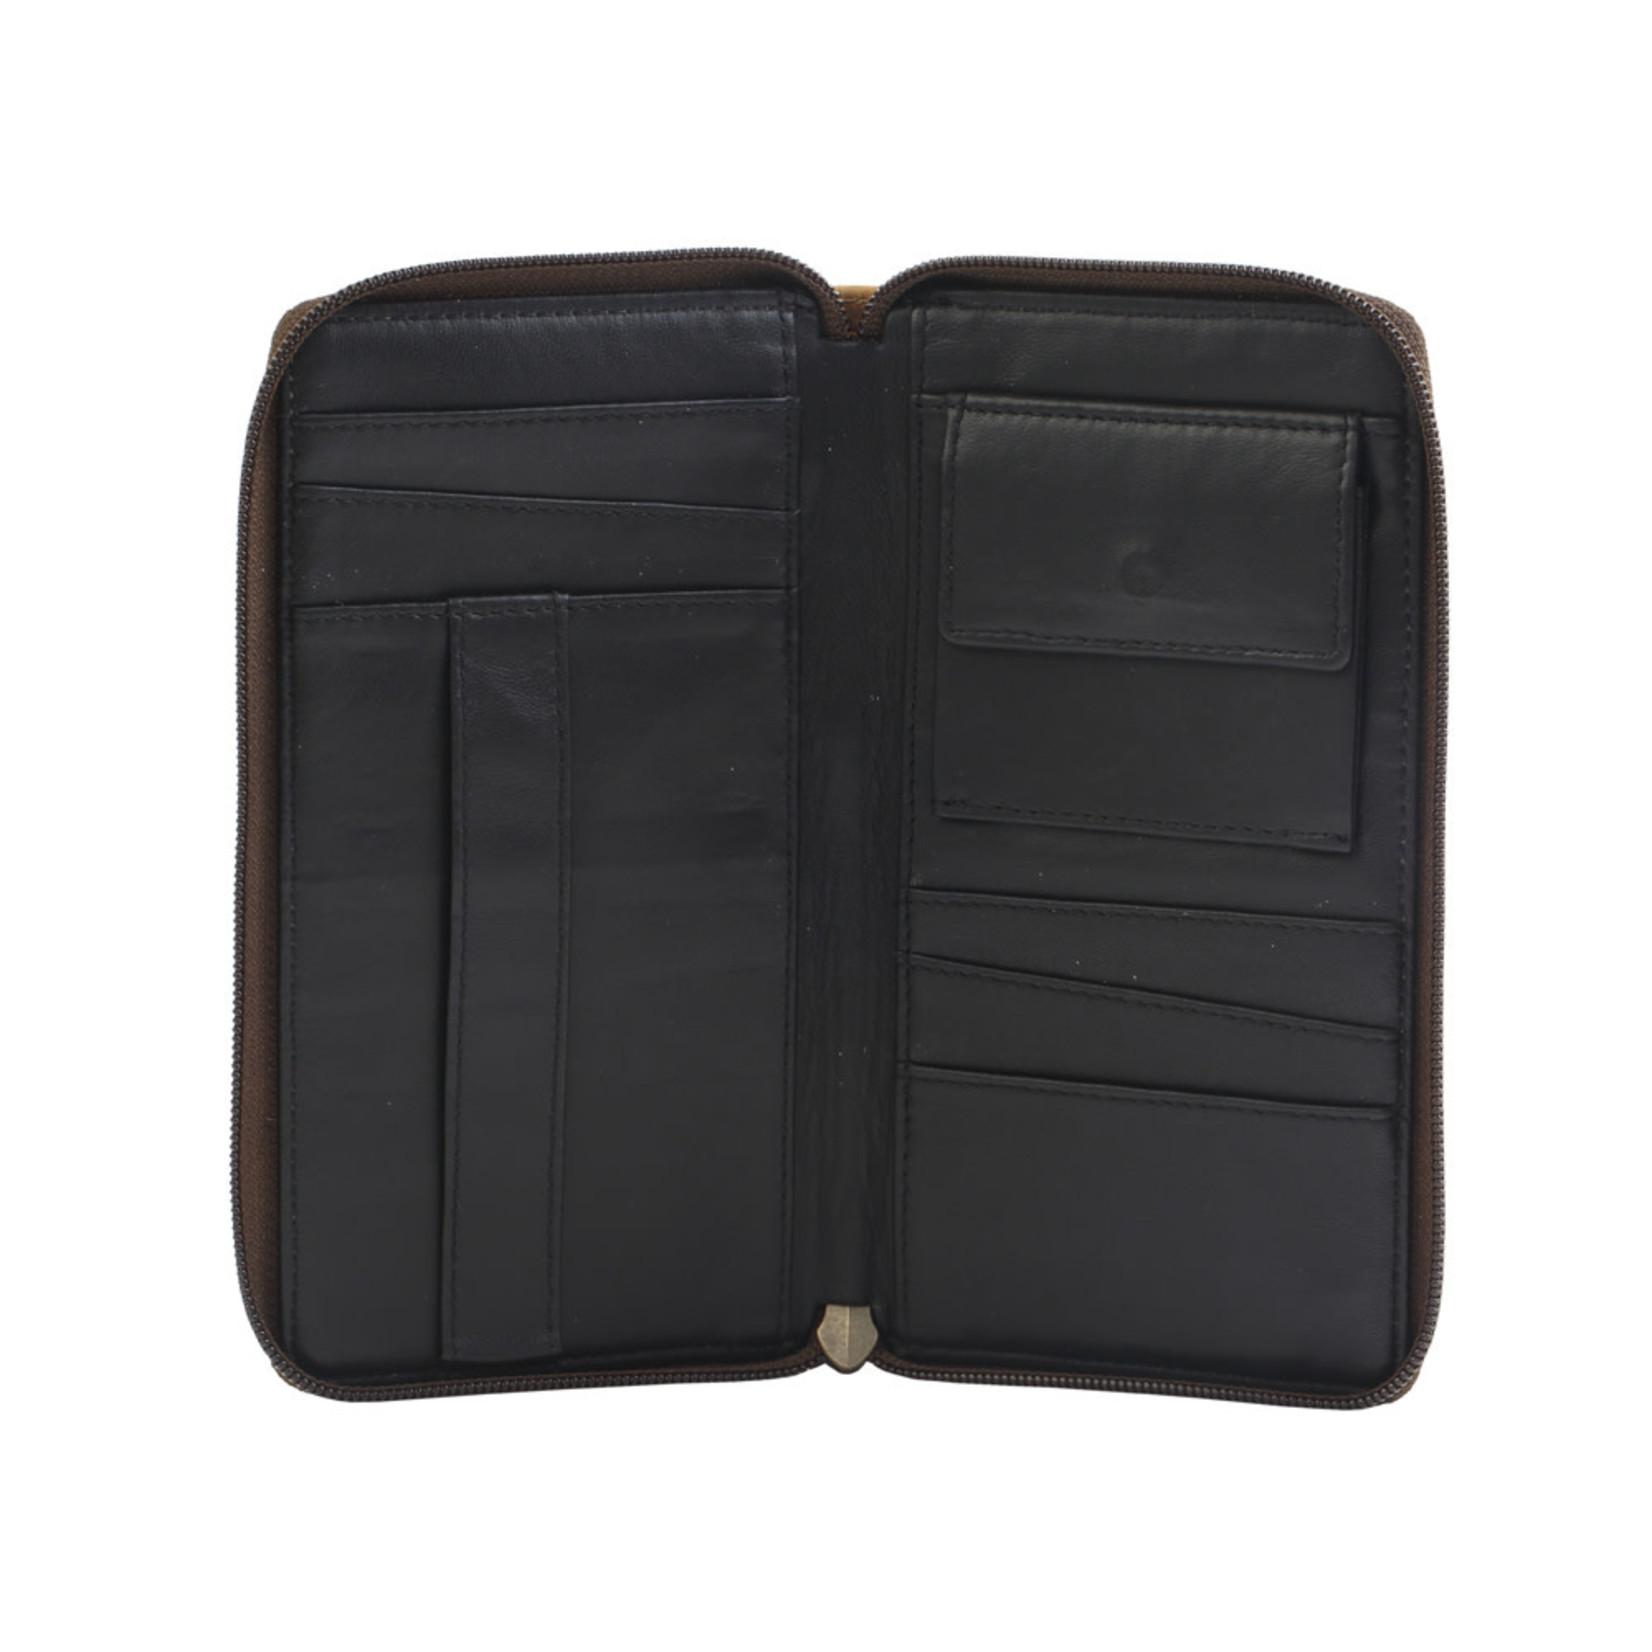 Myra Bags S-2706 Tan Fan Leather Wallet